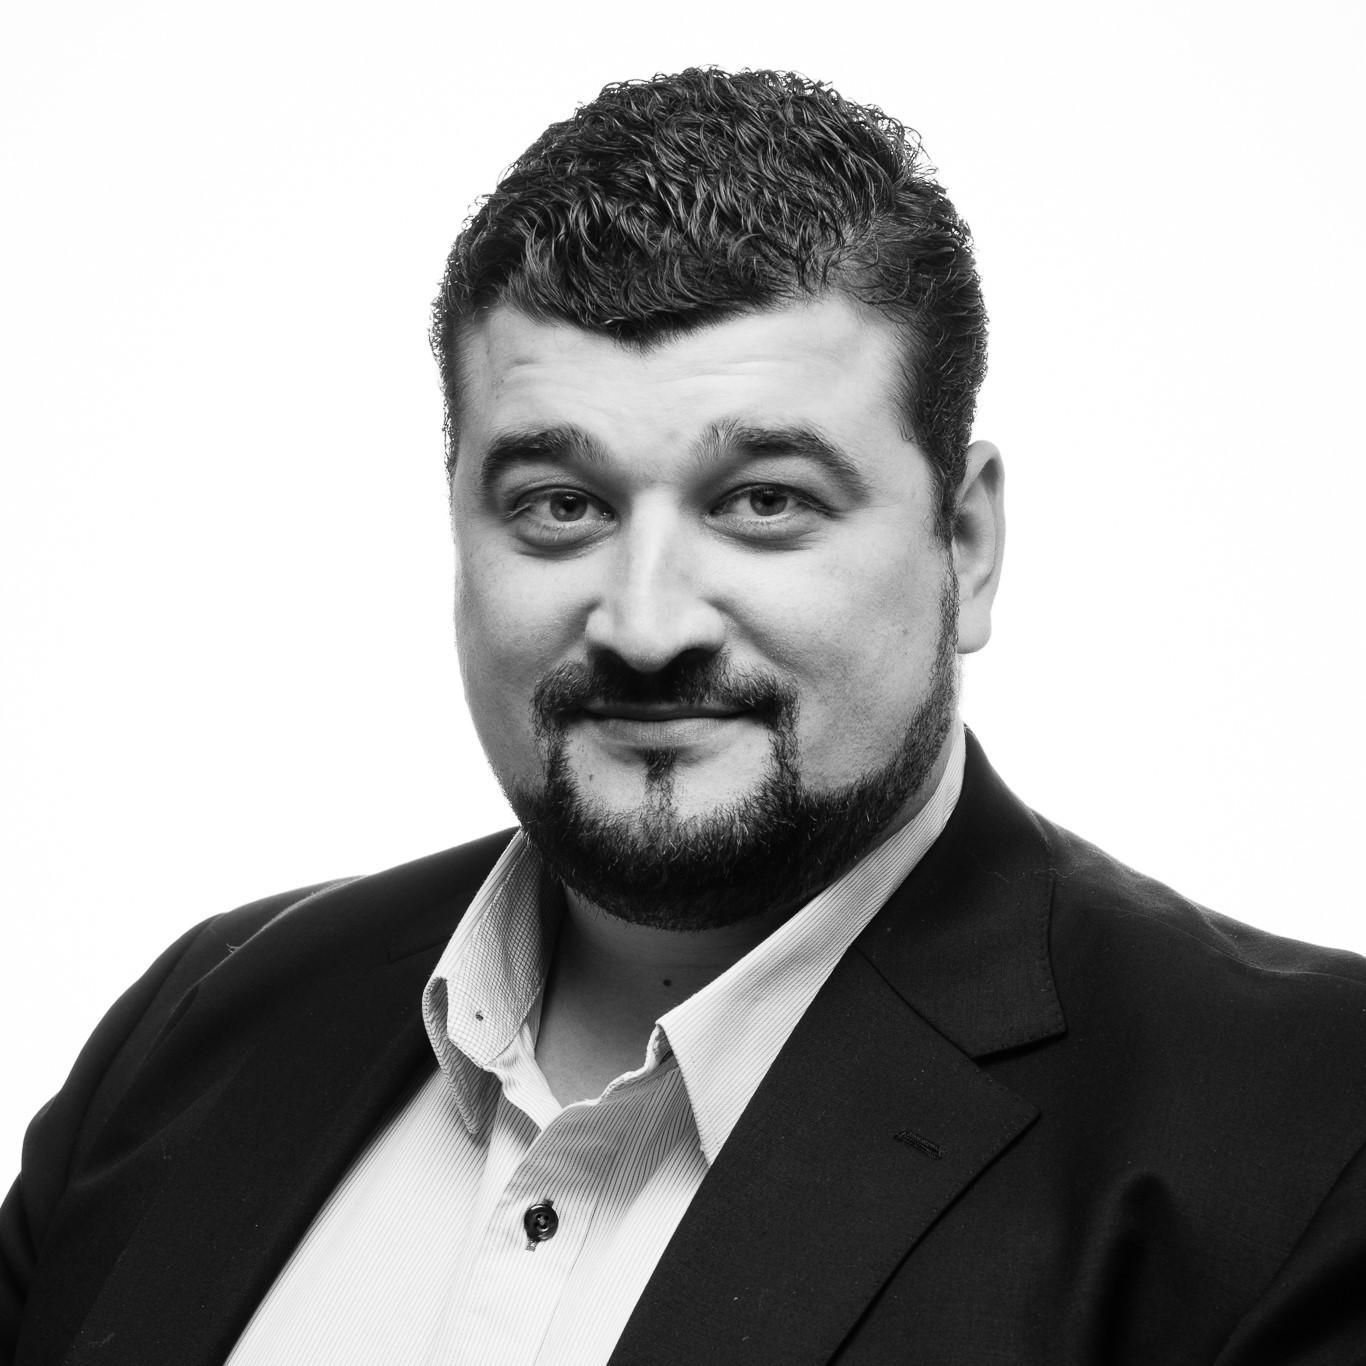 Mario - Svartvit profil